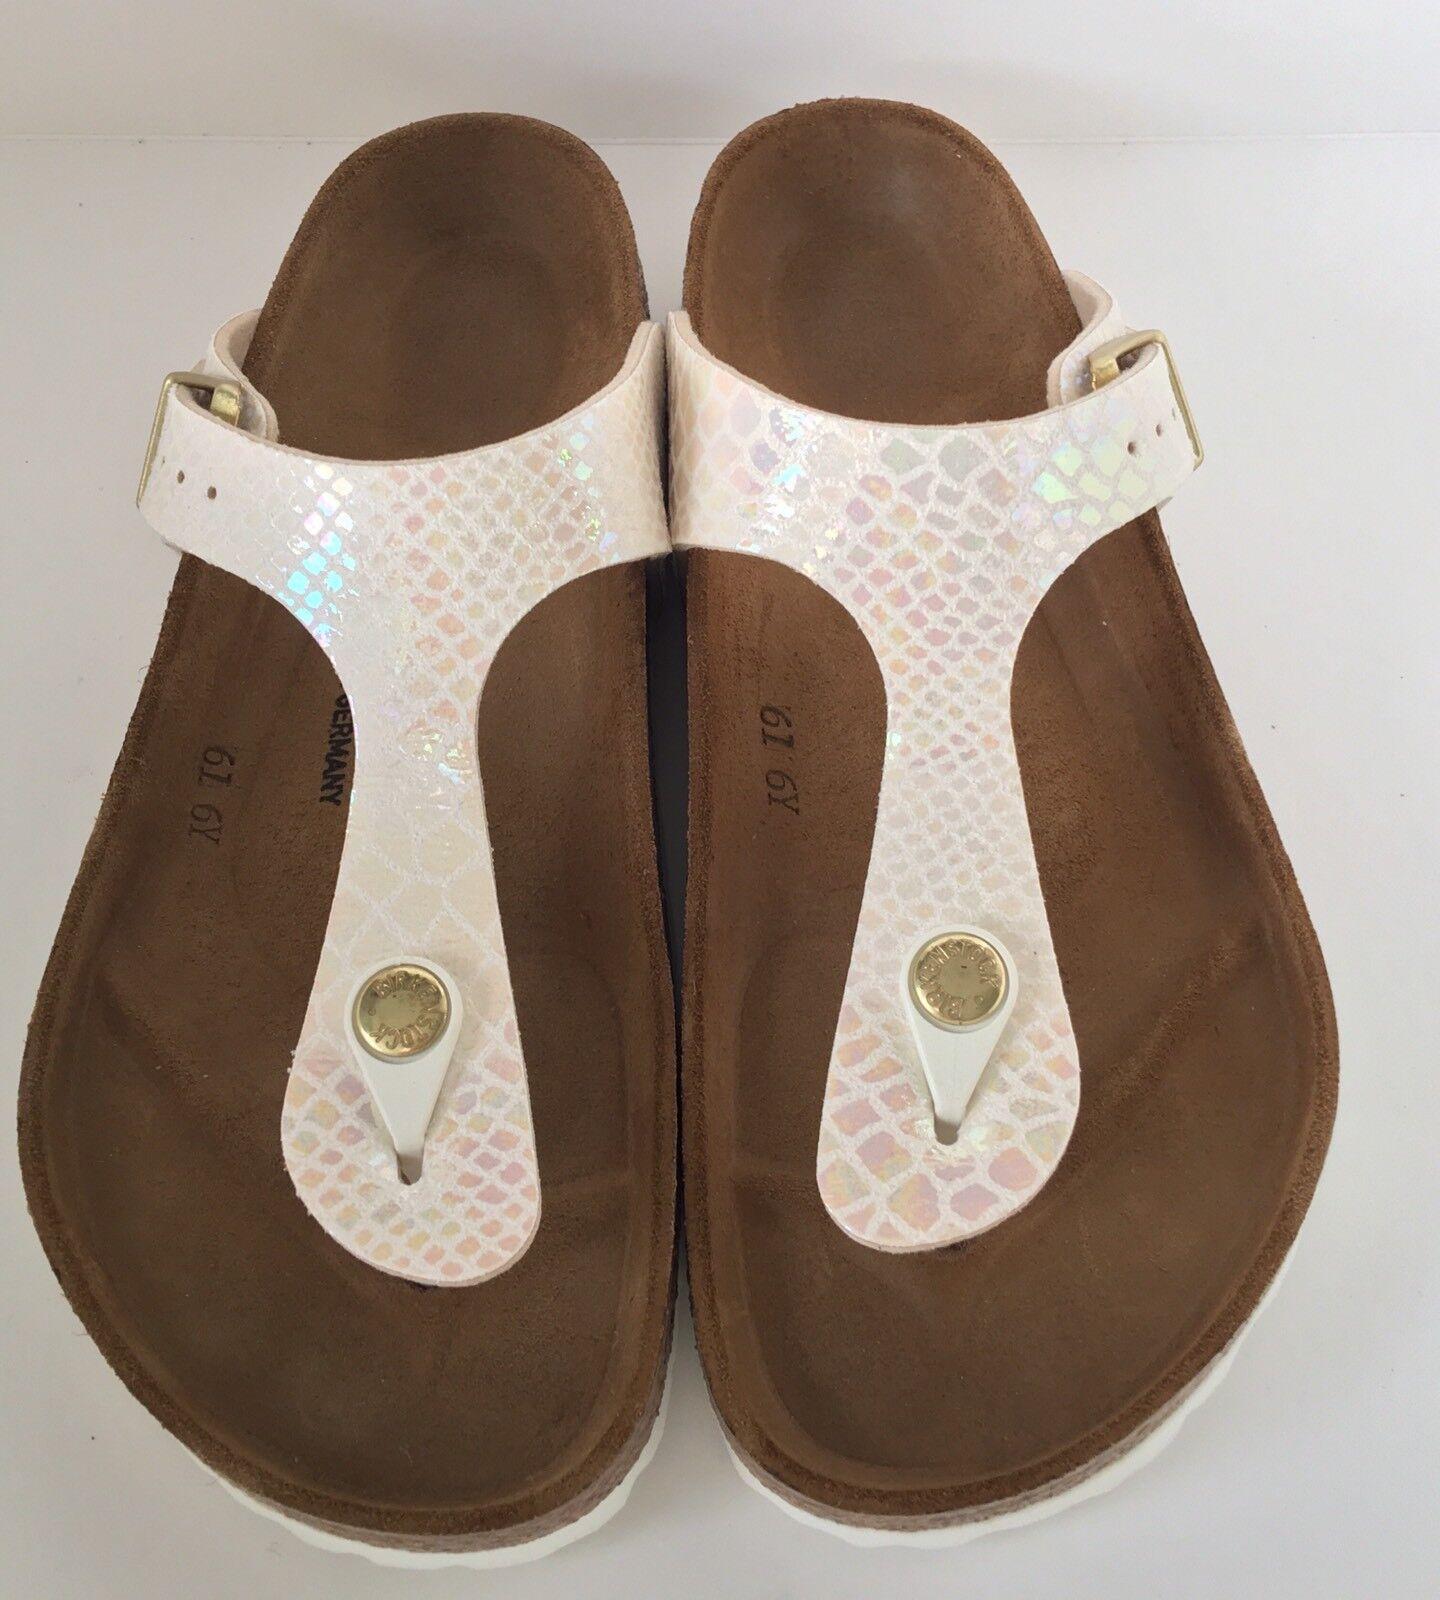 Birkenstock Gizeh 847431 Größe 40 L9 R Shiny Snake Cream Birko-Flor Thong Sandale